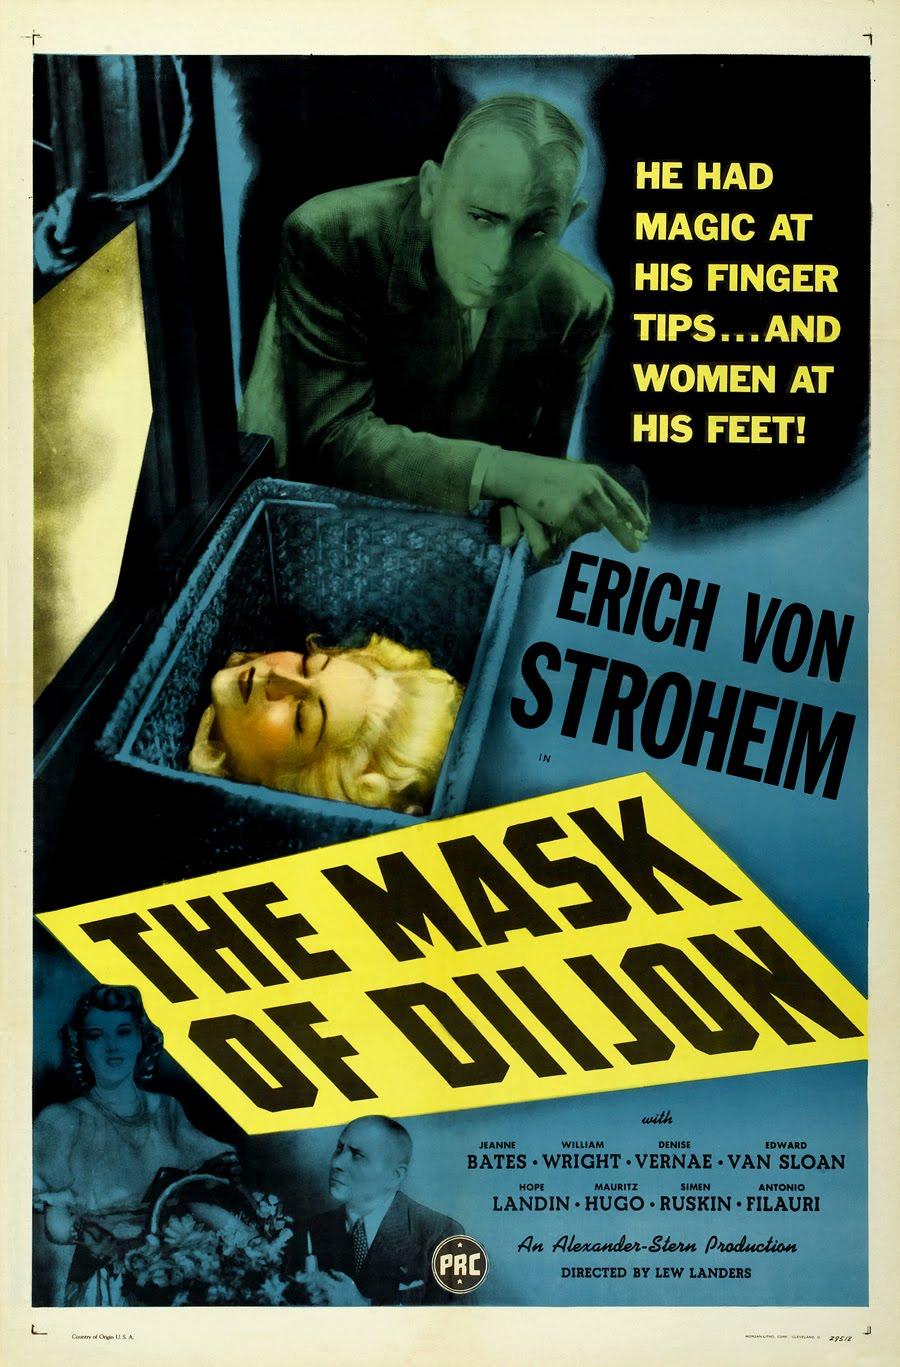 affiche poster film noir cinema 023 102 affiches de films noirs